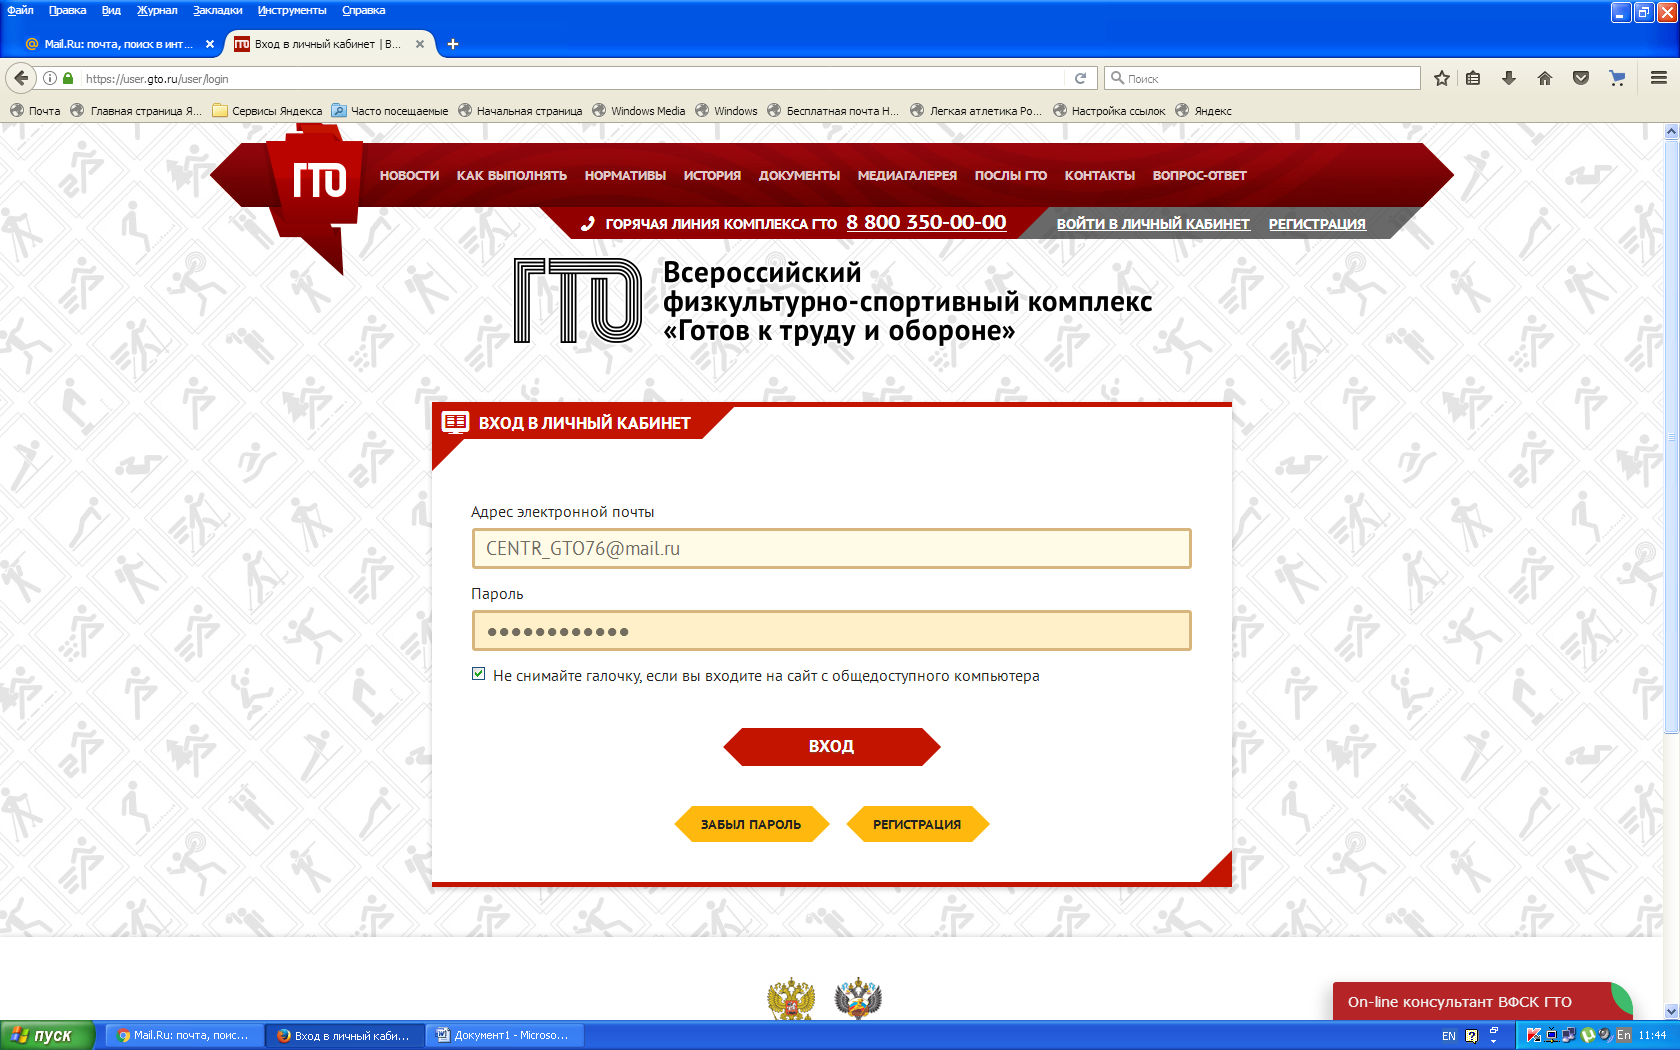 официальный сайт онлайн казино booi вход в личный кабинет